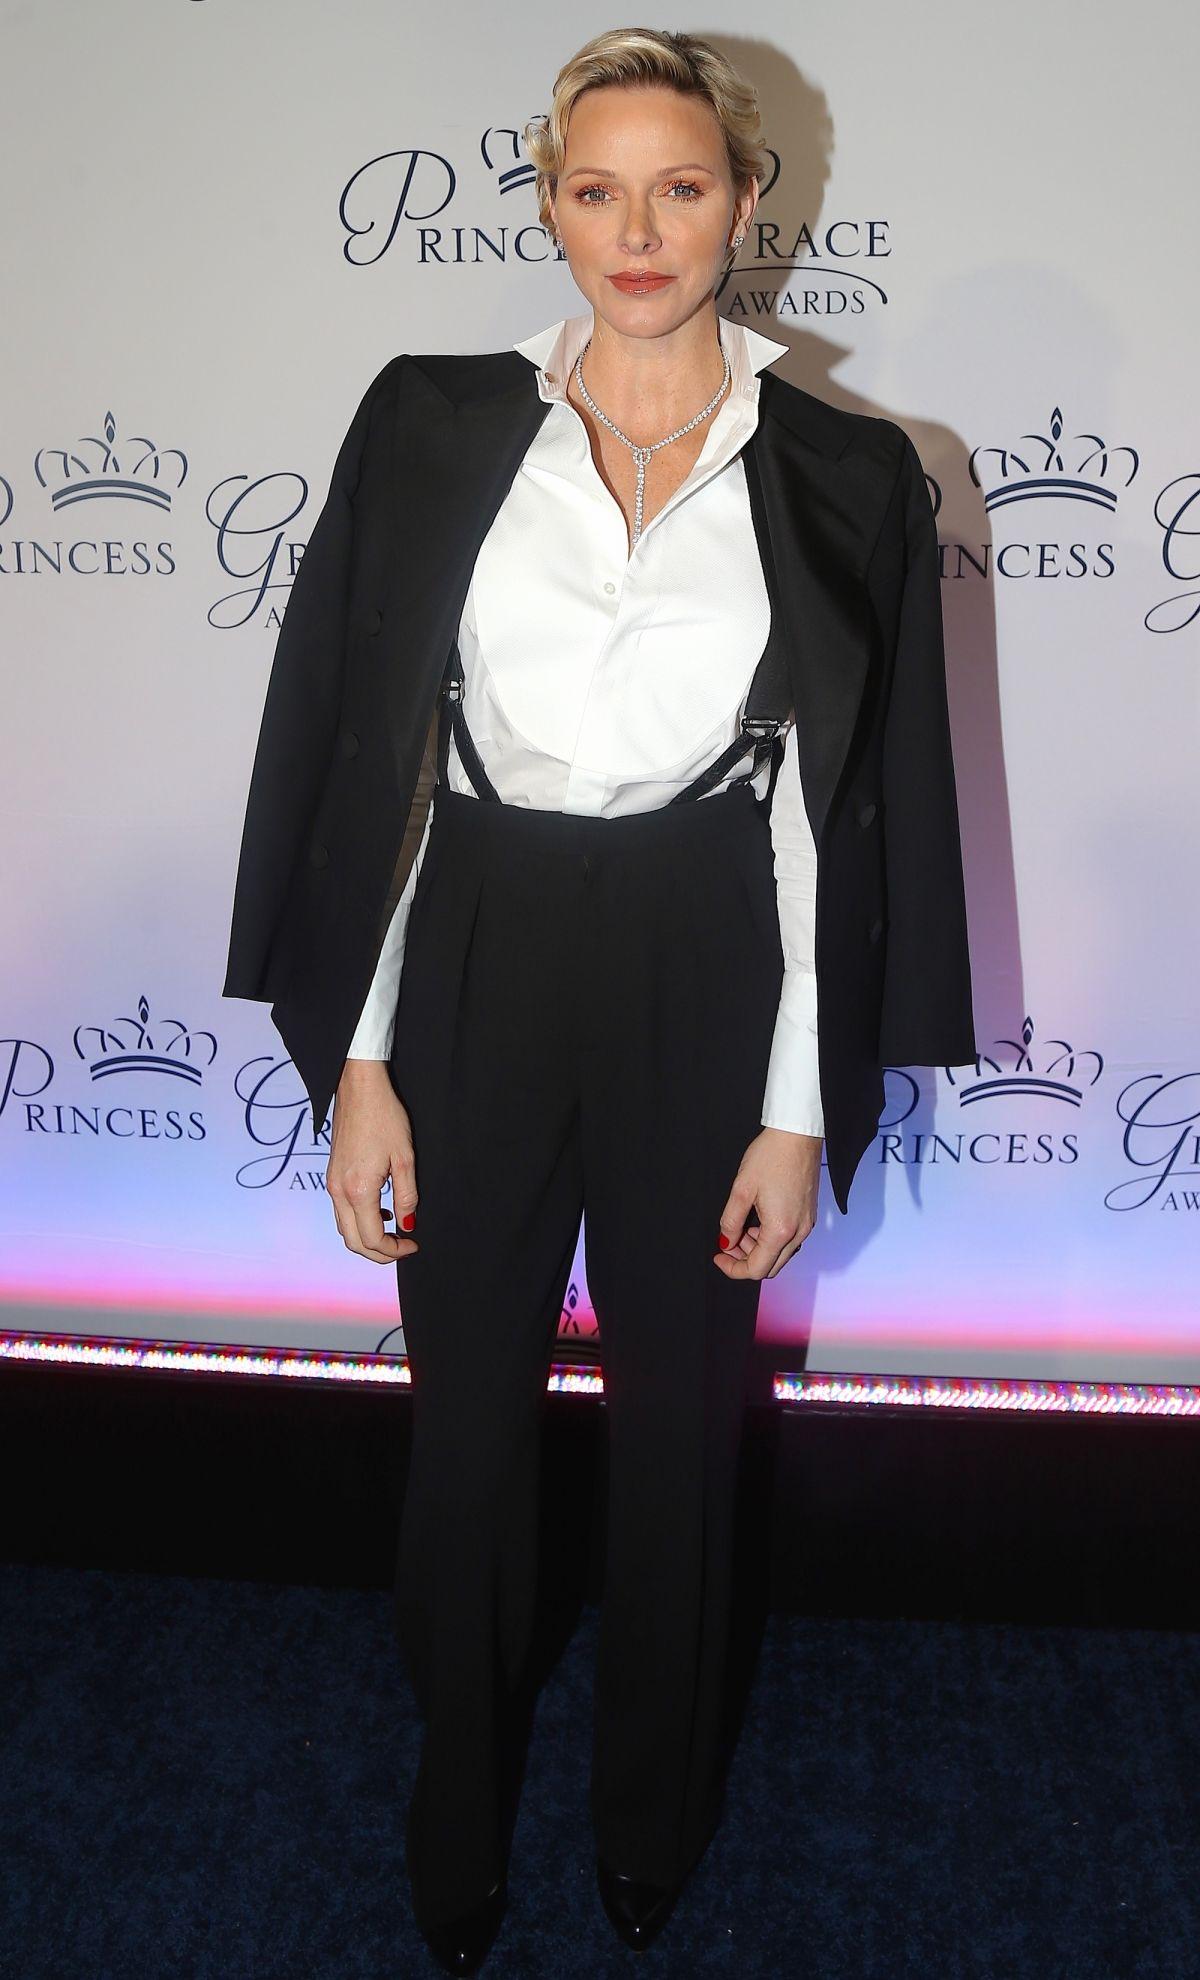 Who Is Charlene Wittstock? | POPSUGAR Celebrity